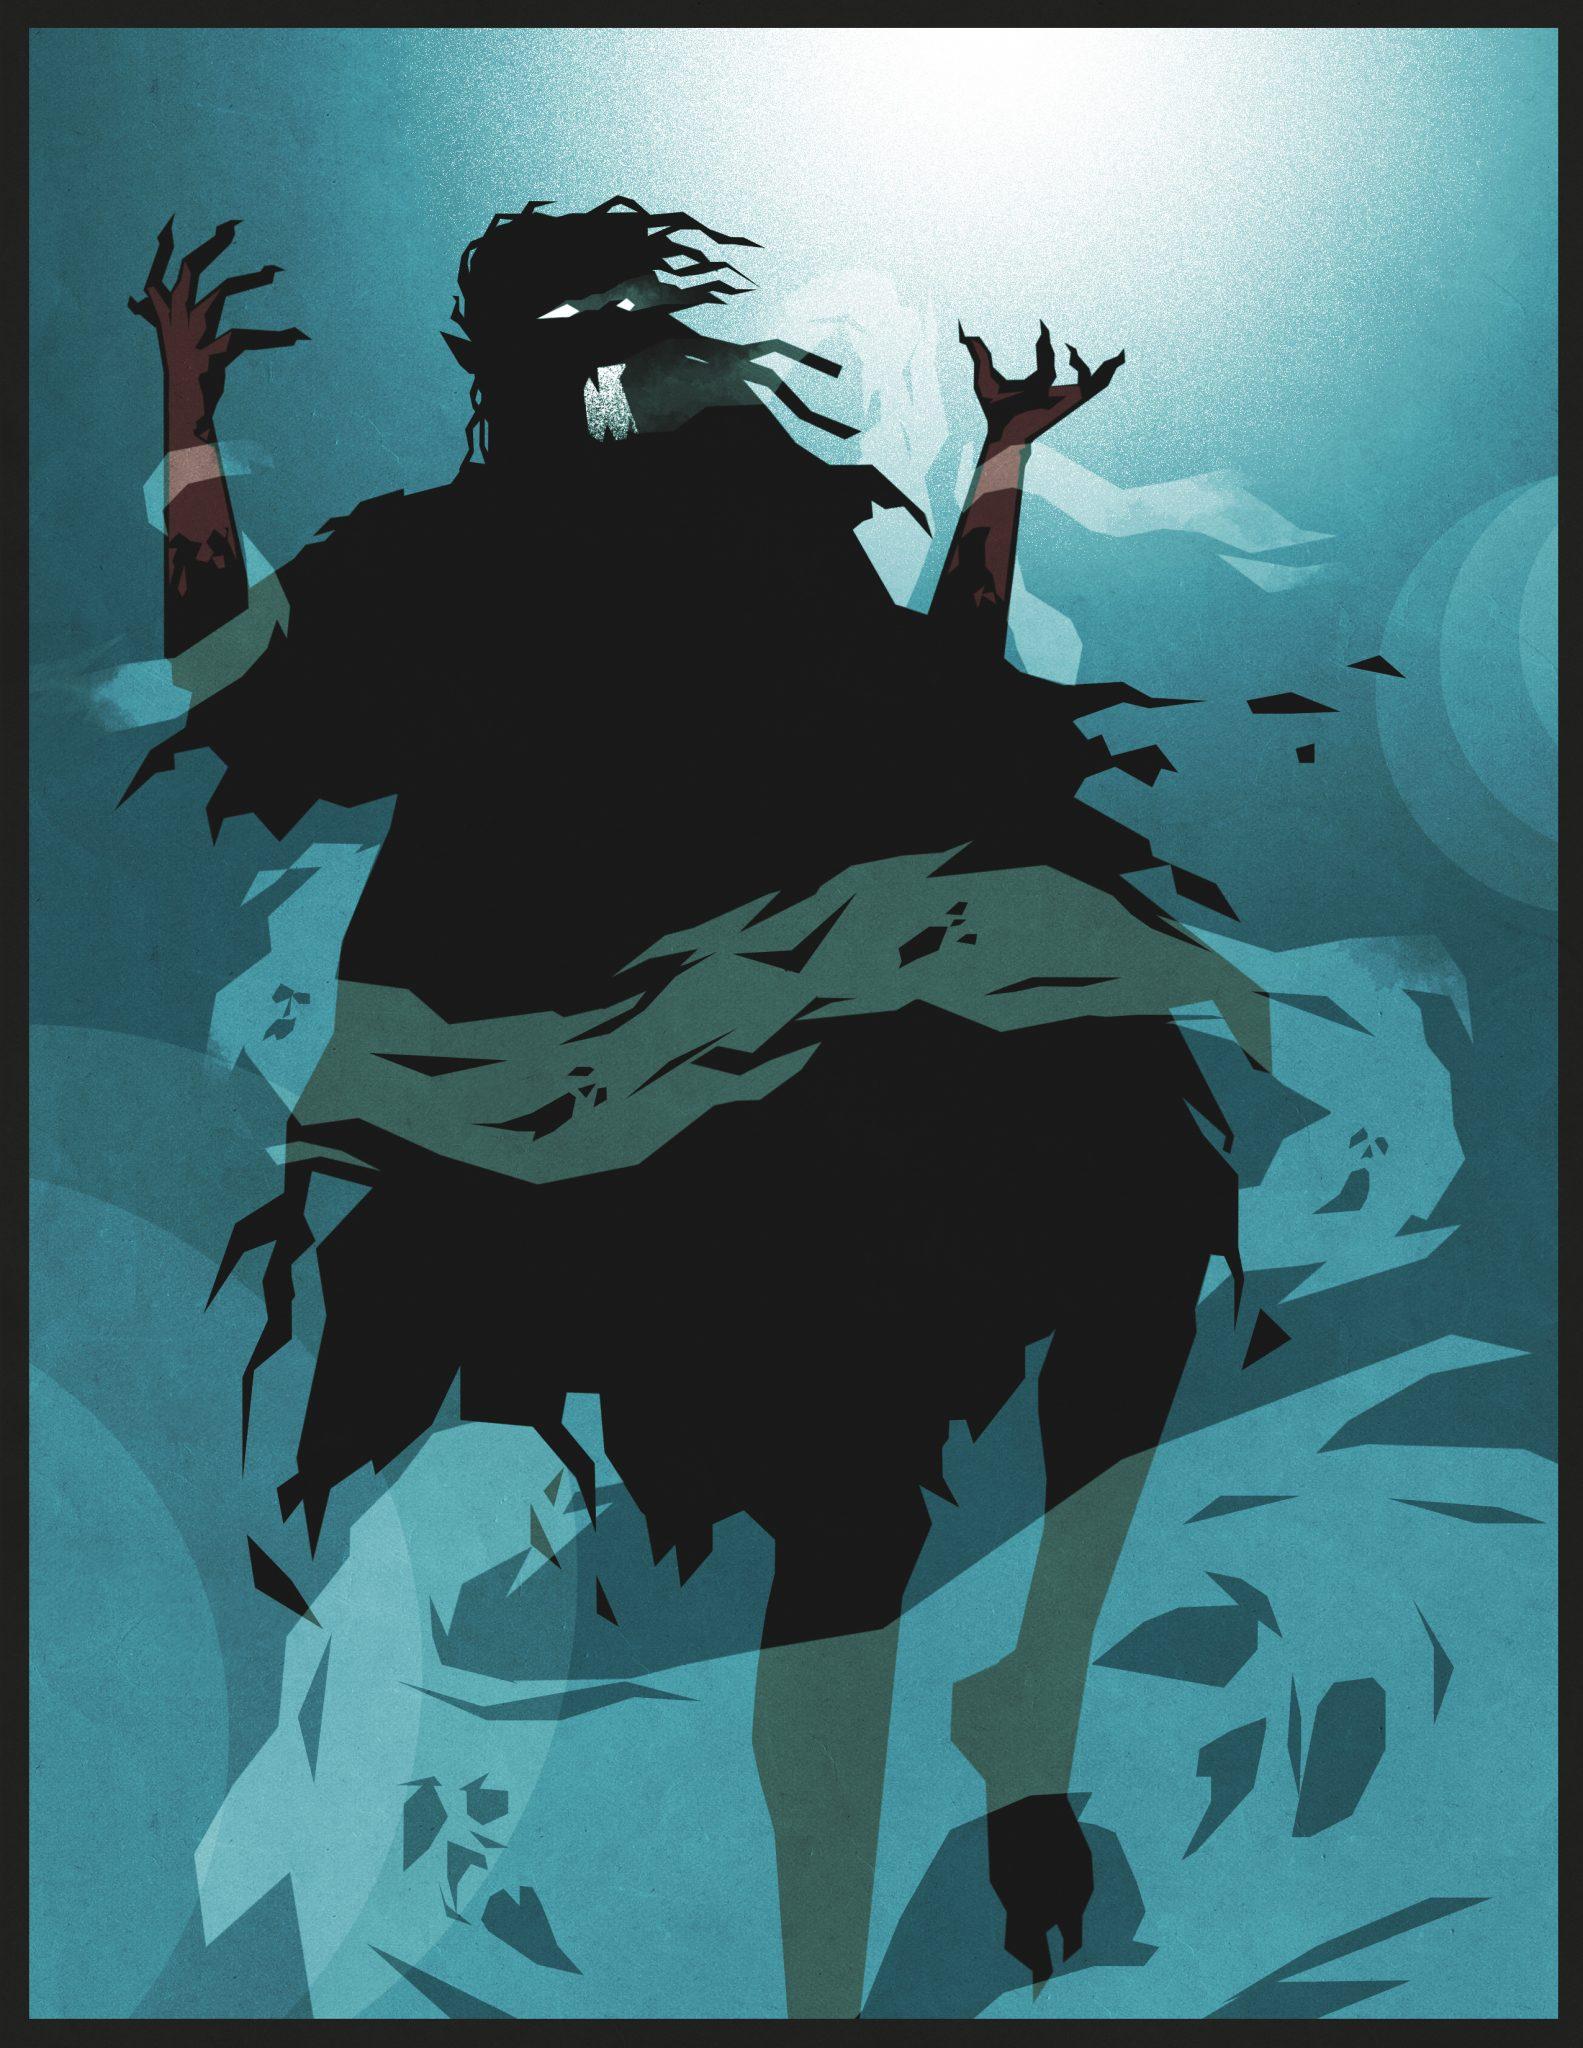 Black Magic: Spire RPG -  Rowan, Rook and Decard Ltd